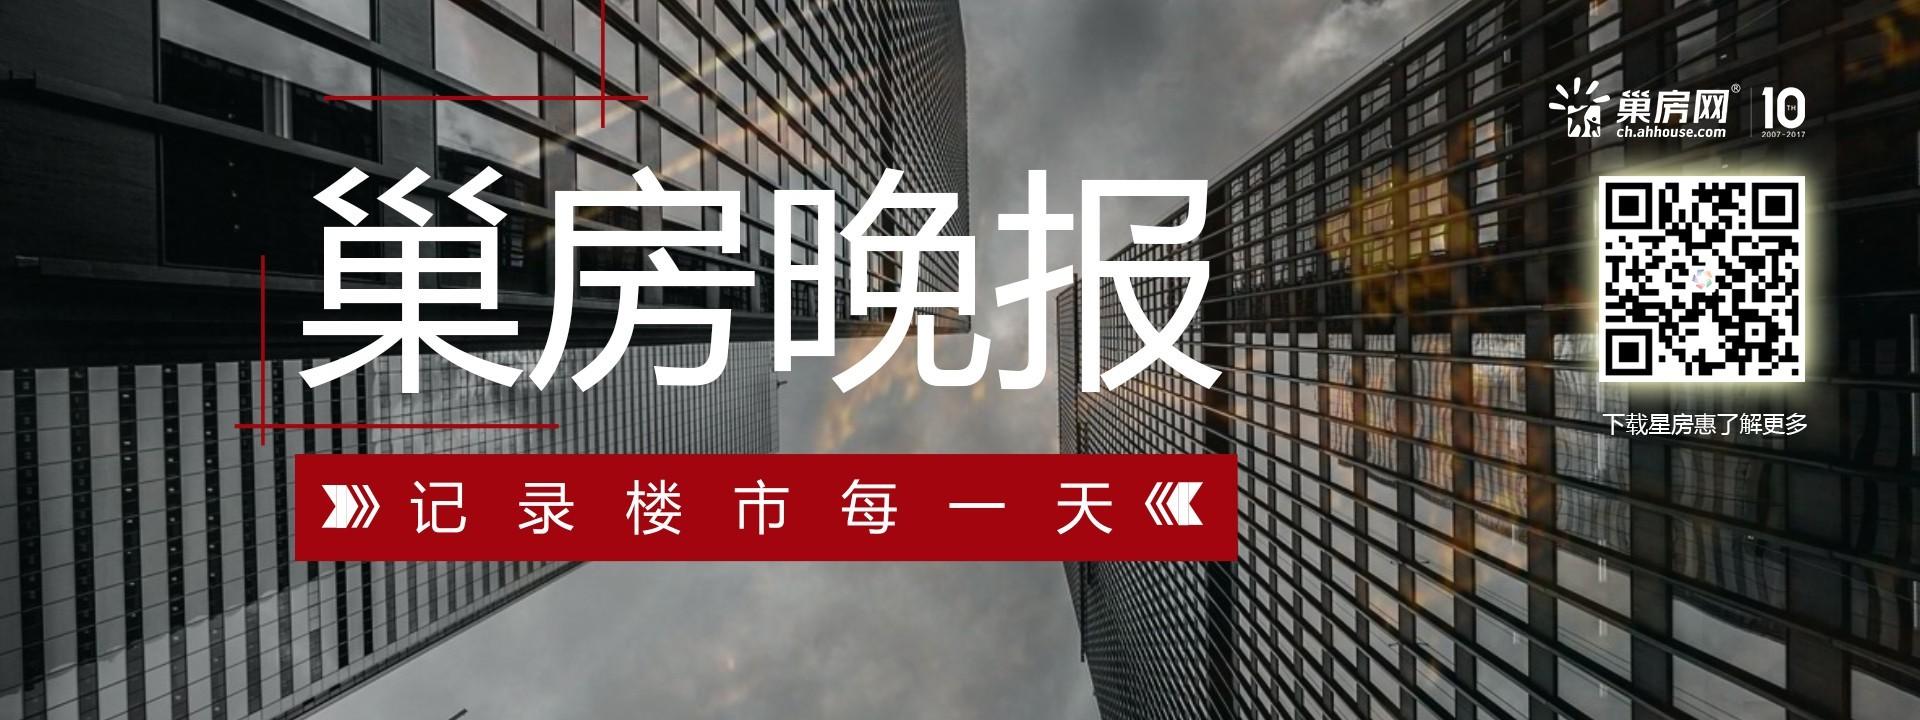 8月22日巢房网新闻晚报:巢湖2017-12号地块延期挂牌出让